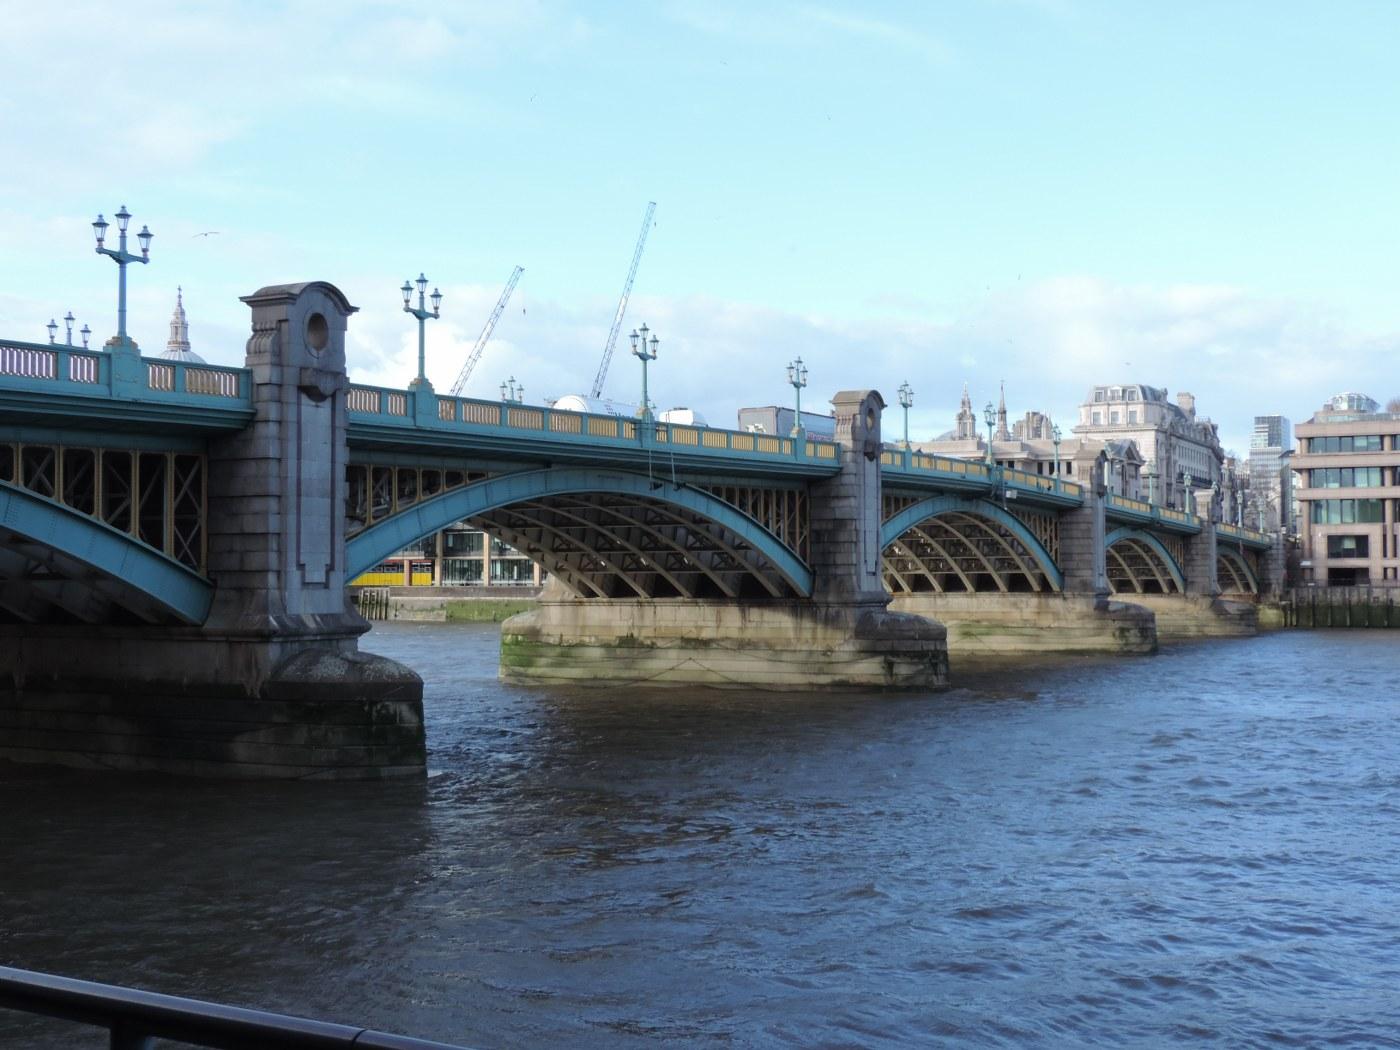 2019_03_17_london-93